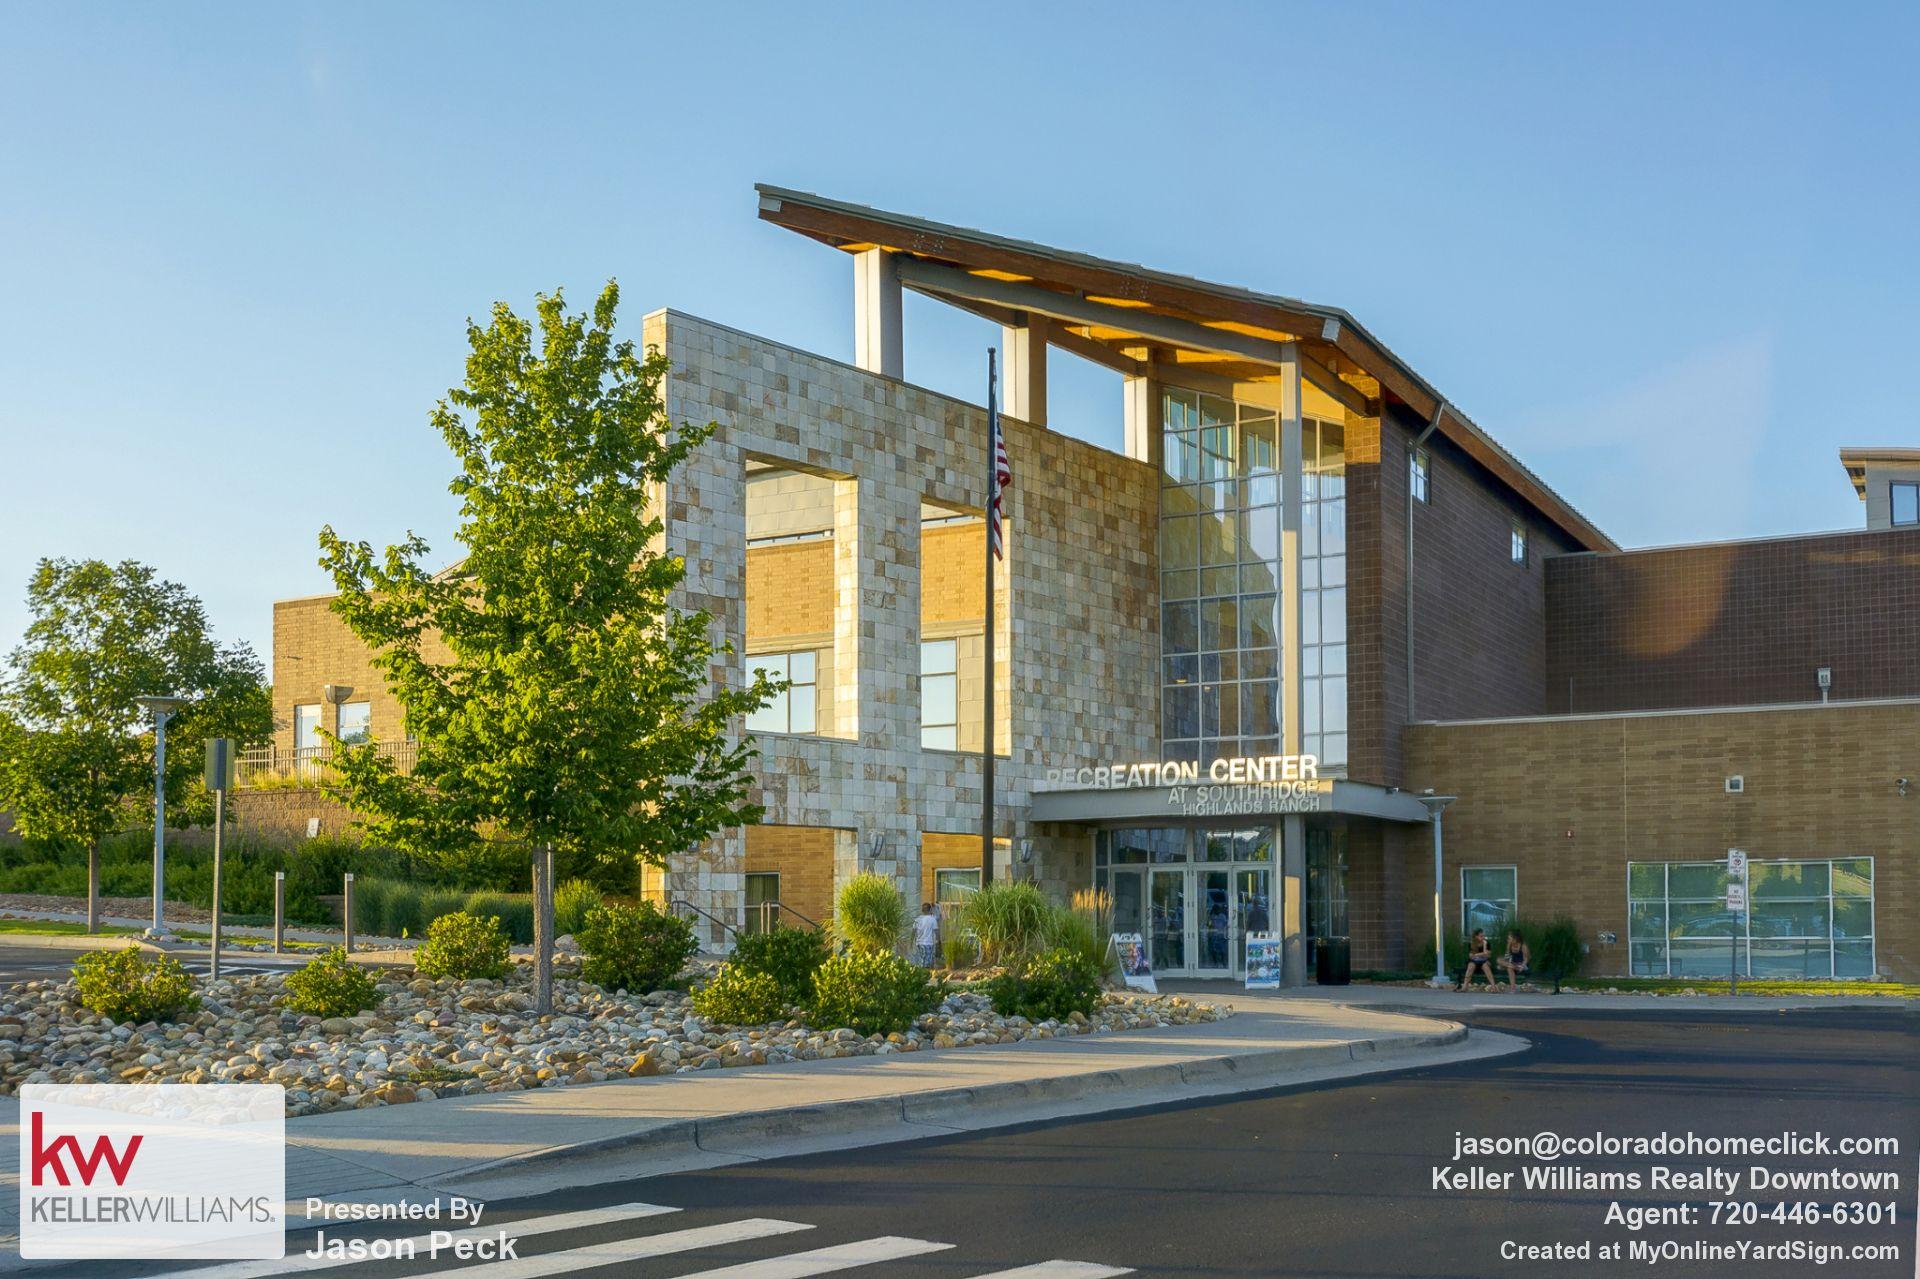 Southbridge Rec Center